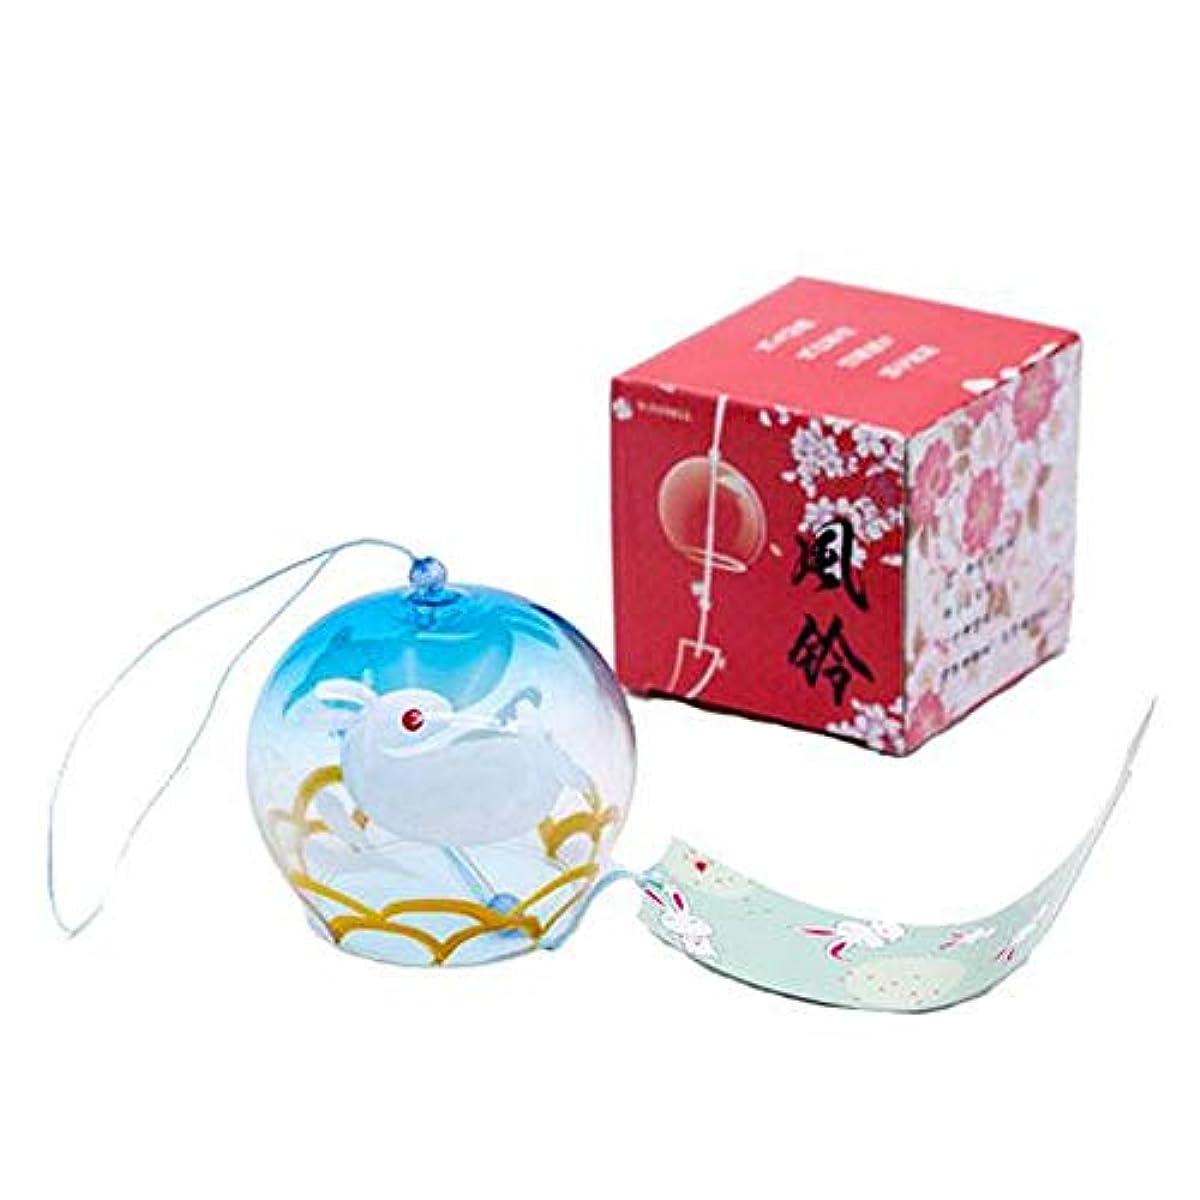 休暇変わる変化Youshangshipin 風チャイム、ガラス素材ホームクリエイティブ風チャイム、ゴールド、40cm程度の長さの合計,美しいギフトボックス (Color : Blue)